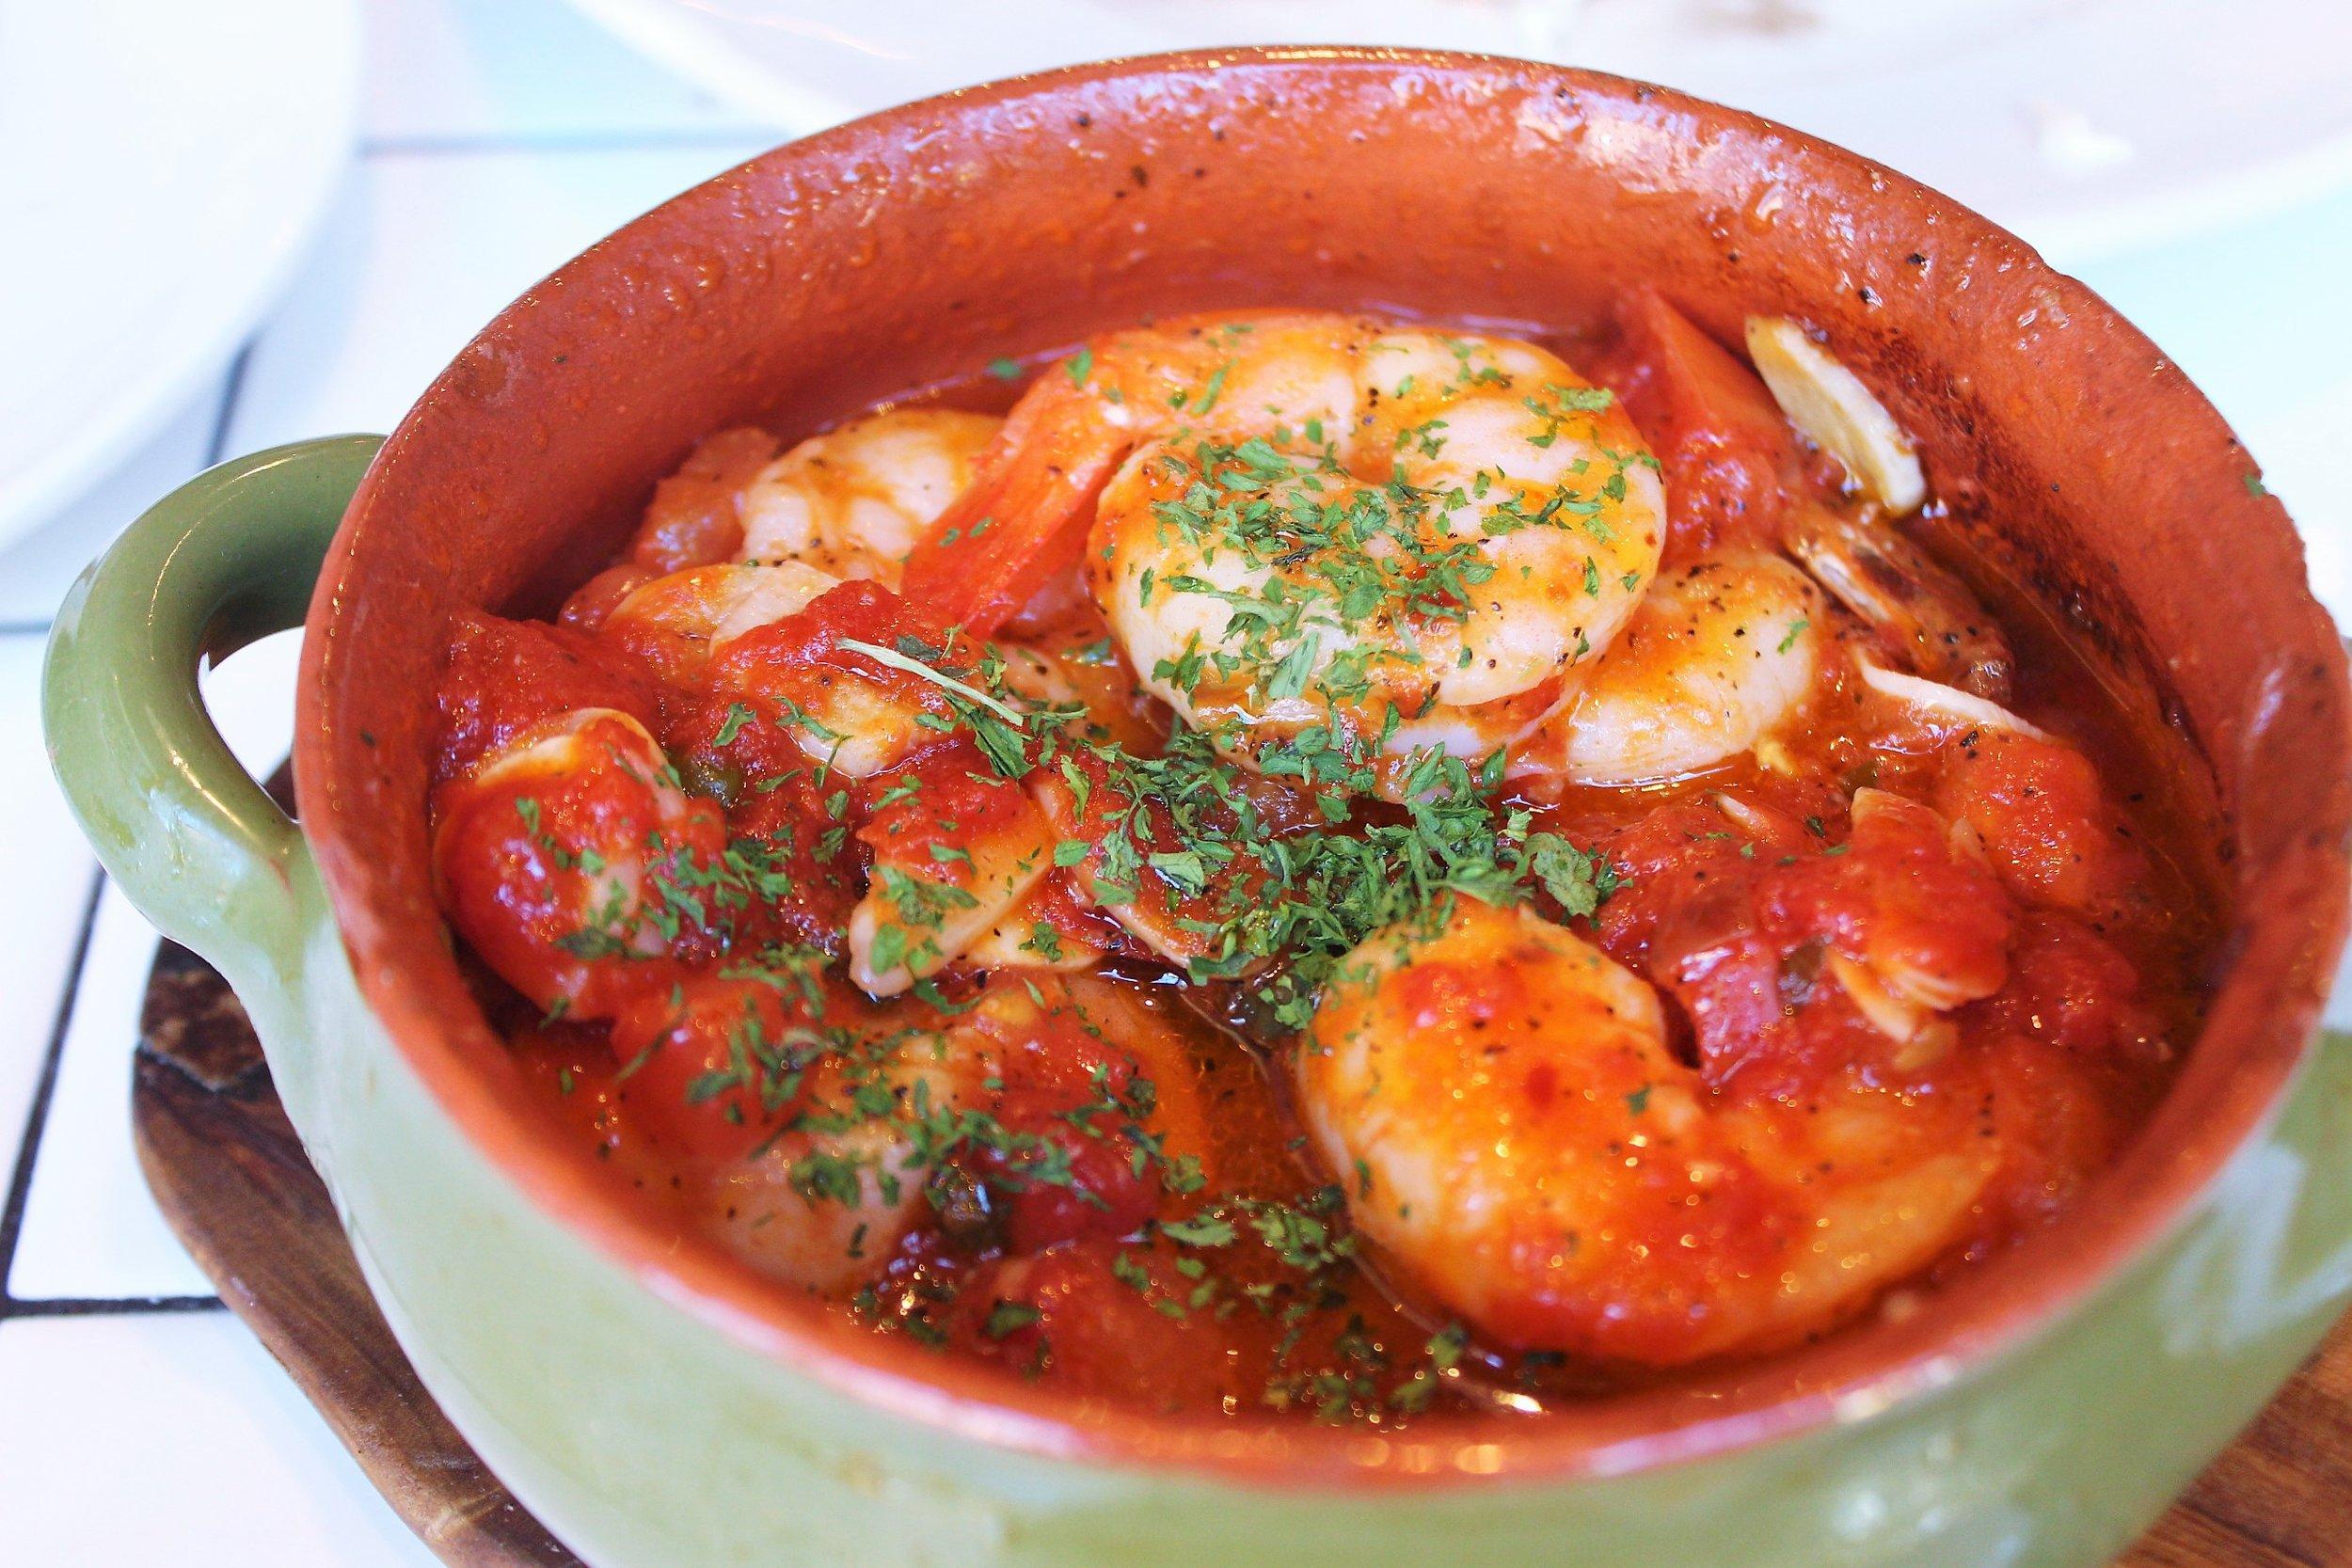 Gamberi e Aglio e Olio: Shrimp Scampi, Garlic, Olive Oil